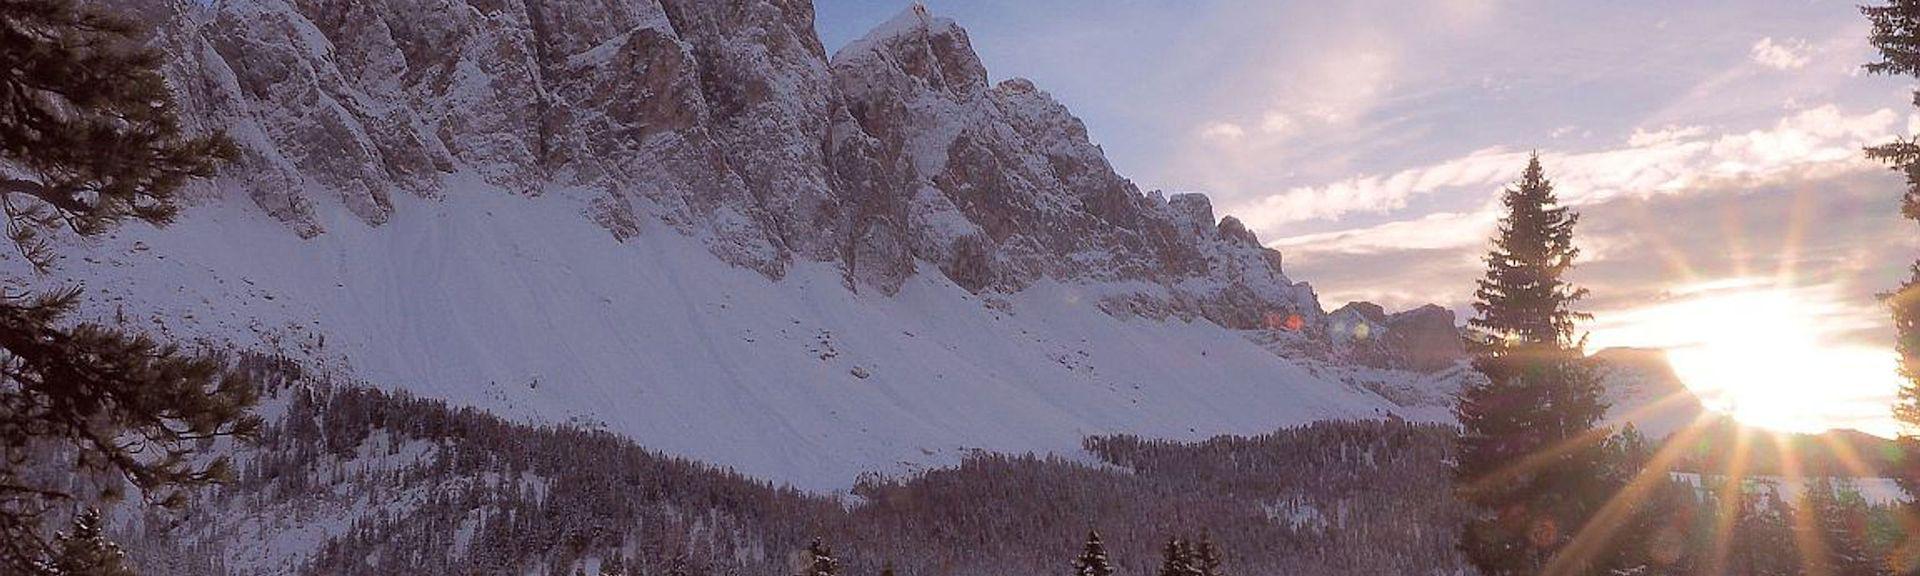 Serrai von Sottoguda, Rocca Pietore, Veneto, Italien